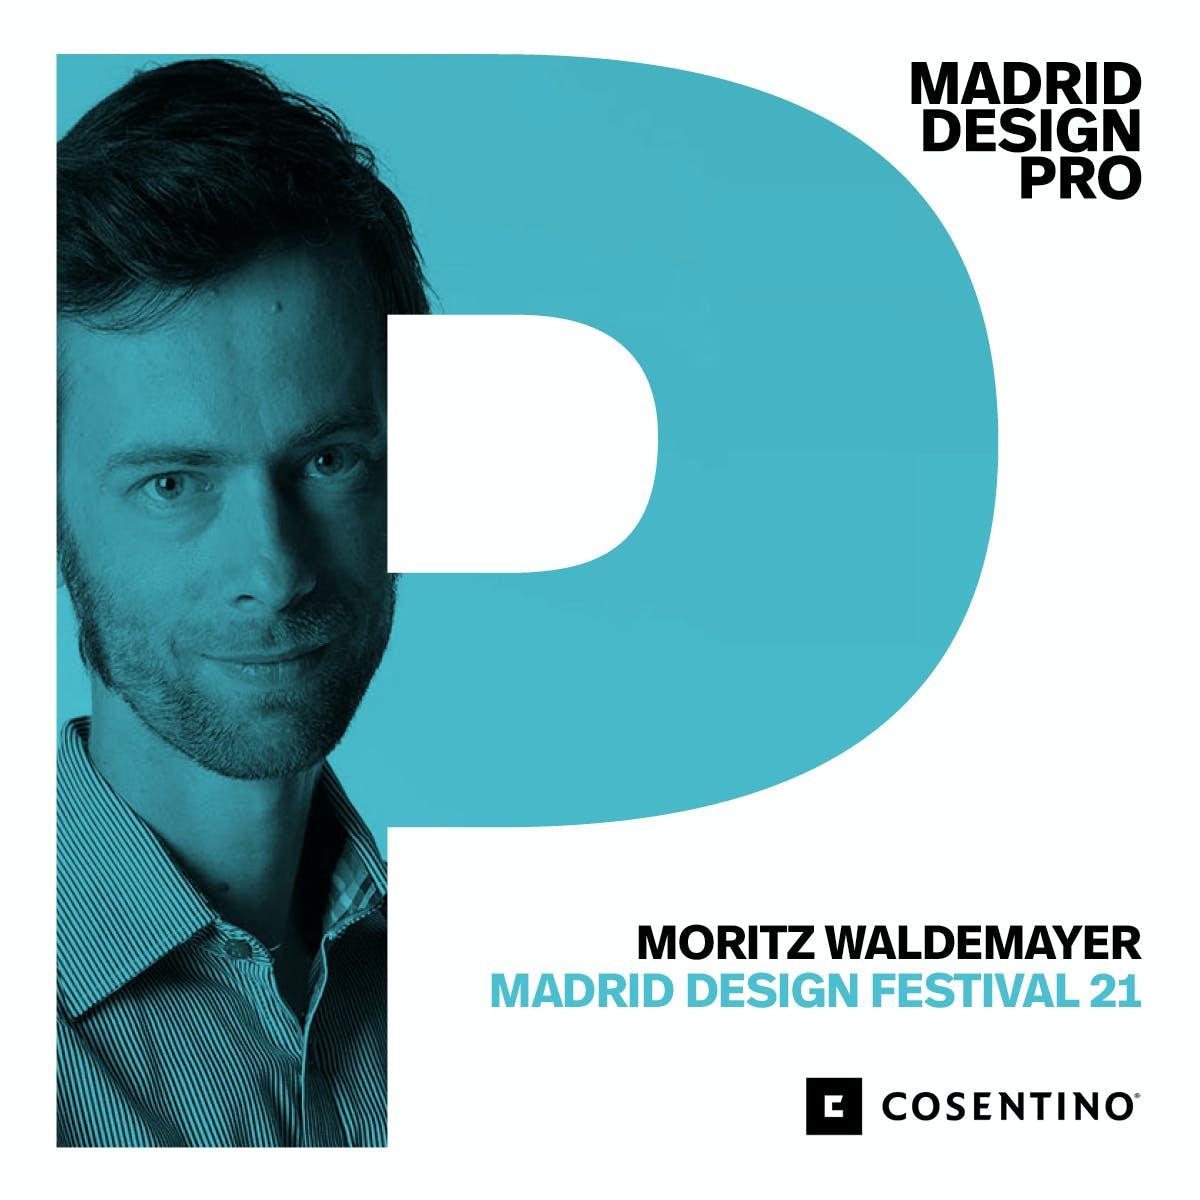 Image of MDPRO COSENTINO2 3 in Cosentino at the Madrid Design Festival 2021 - Cosentino